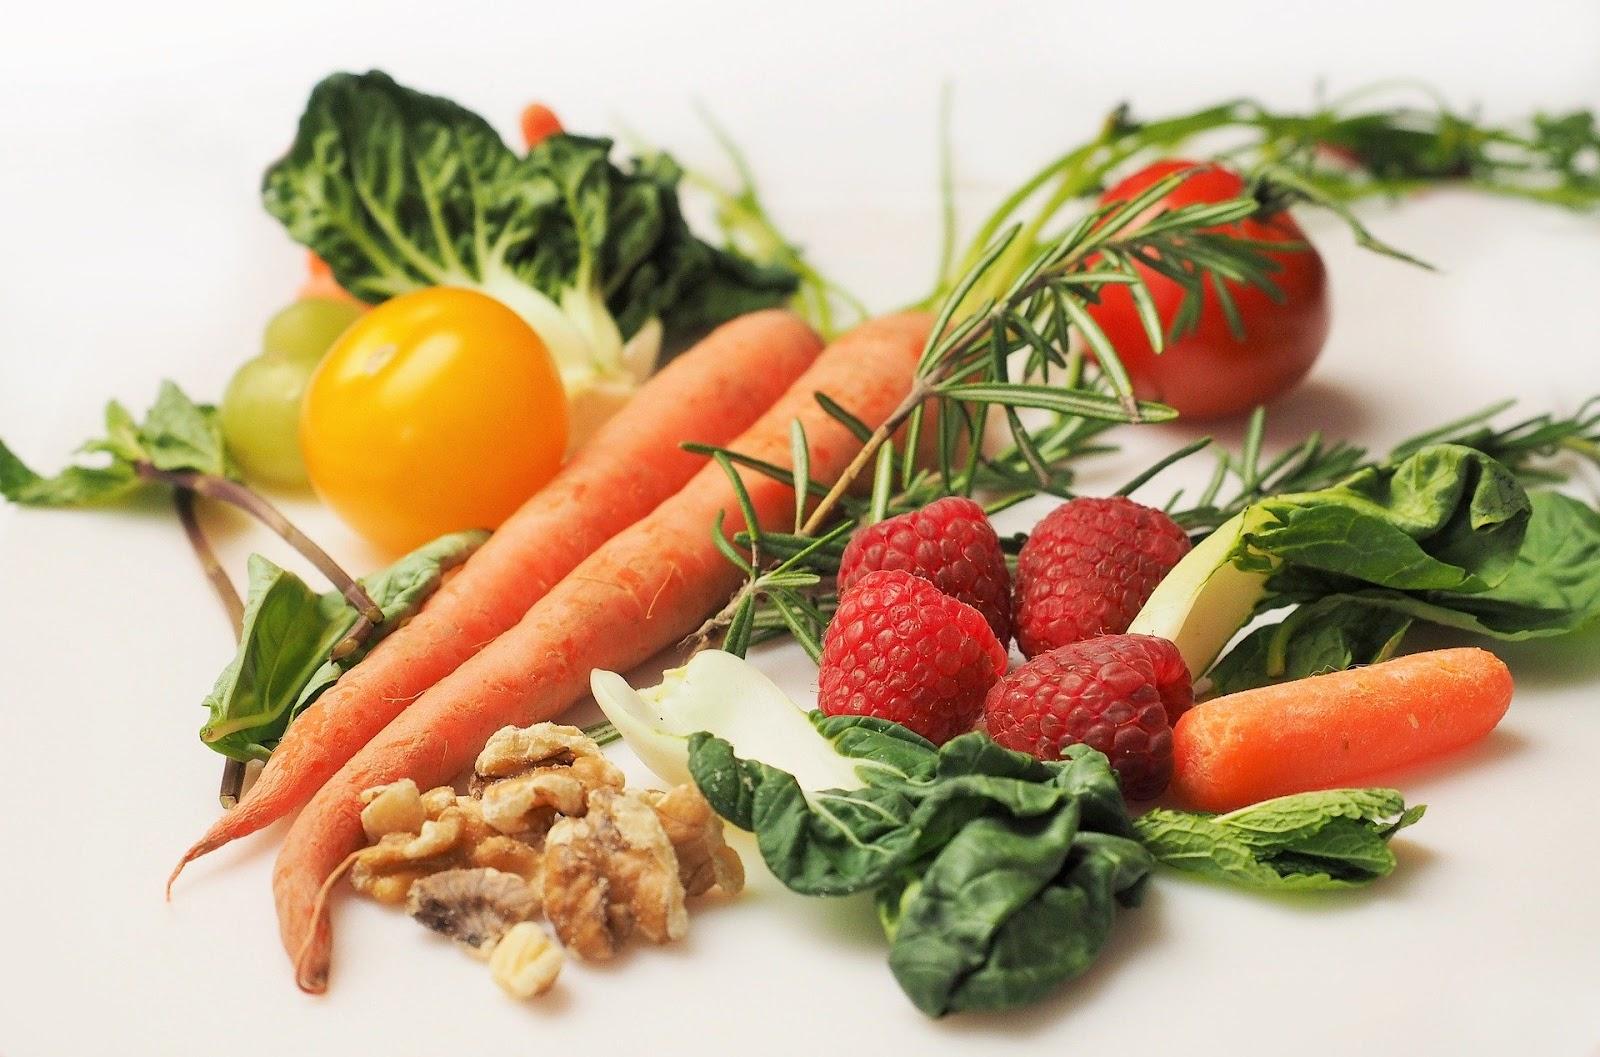 Здоровое питание: доступно, вкусно, быстро. Мой список продуктов: